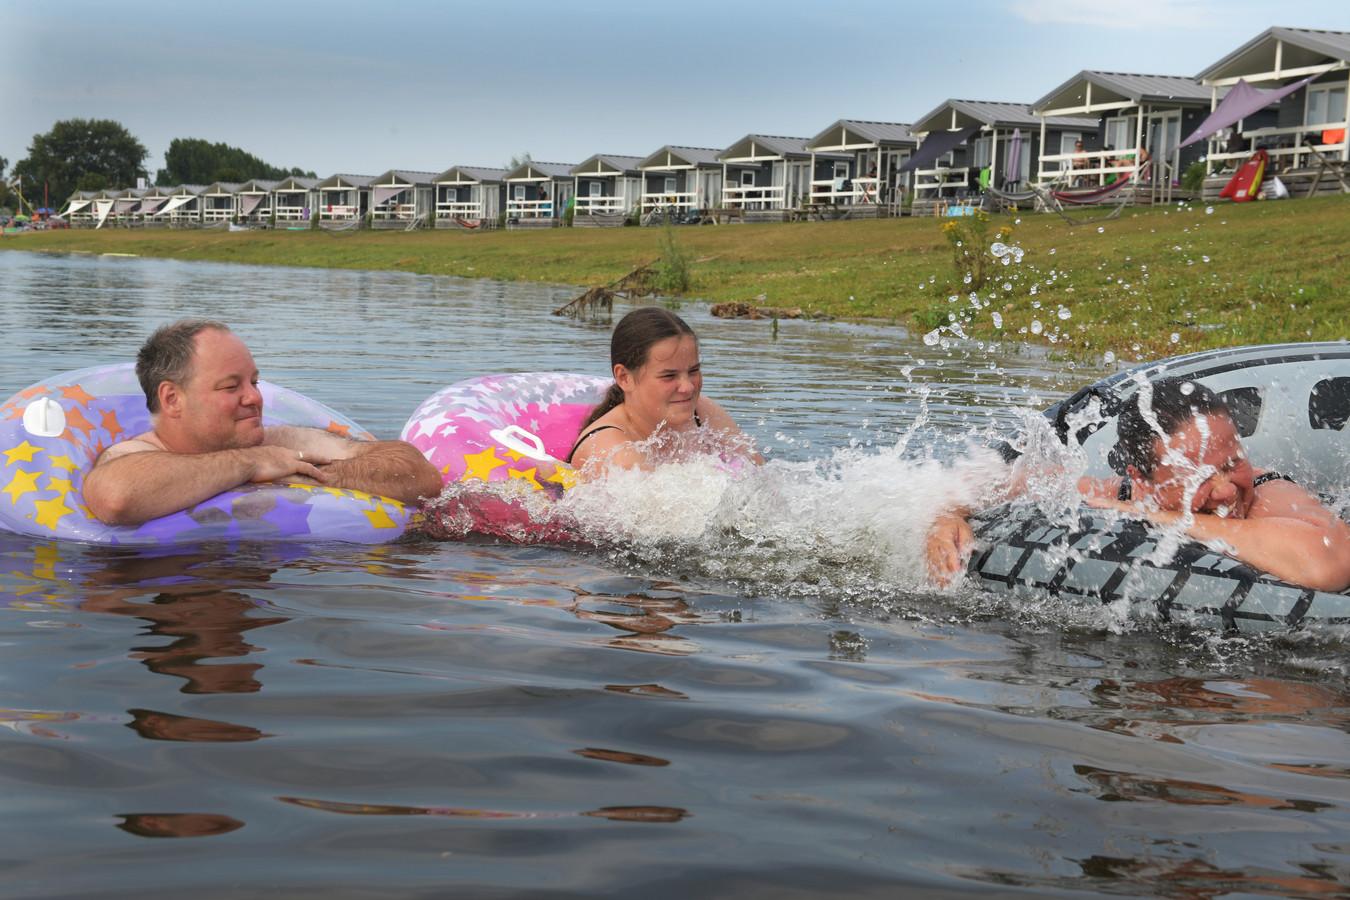 Zwemmen bij het Eiland van Maurik, op archiefbeeld.